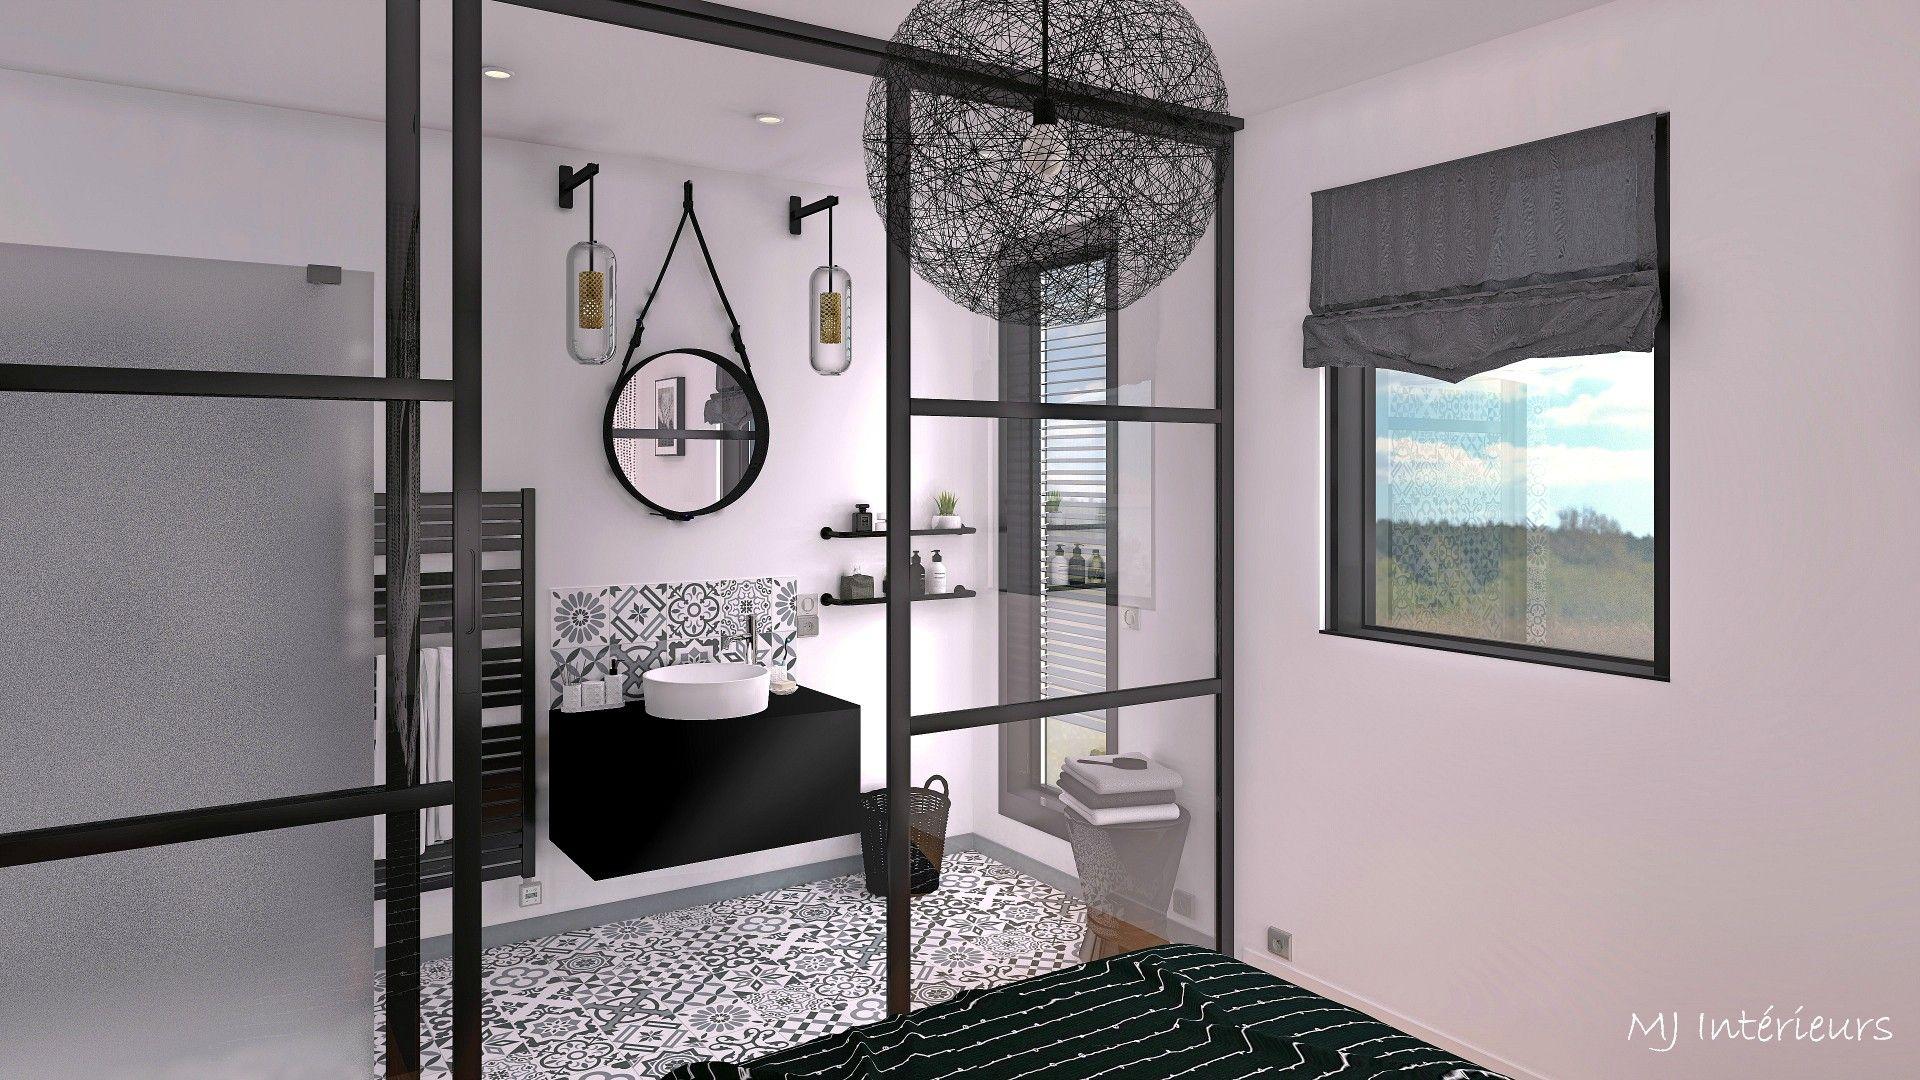 Salle de bain de la master bedroom séparée par une verrière ...